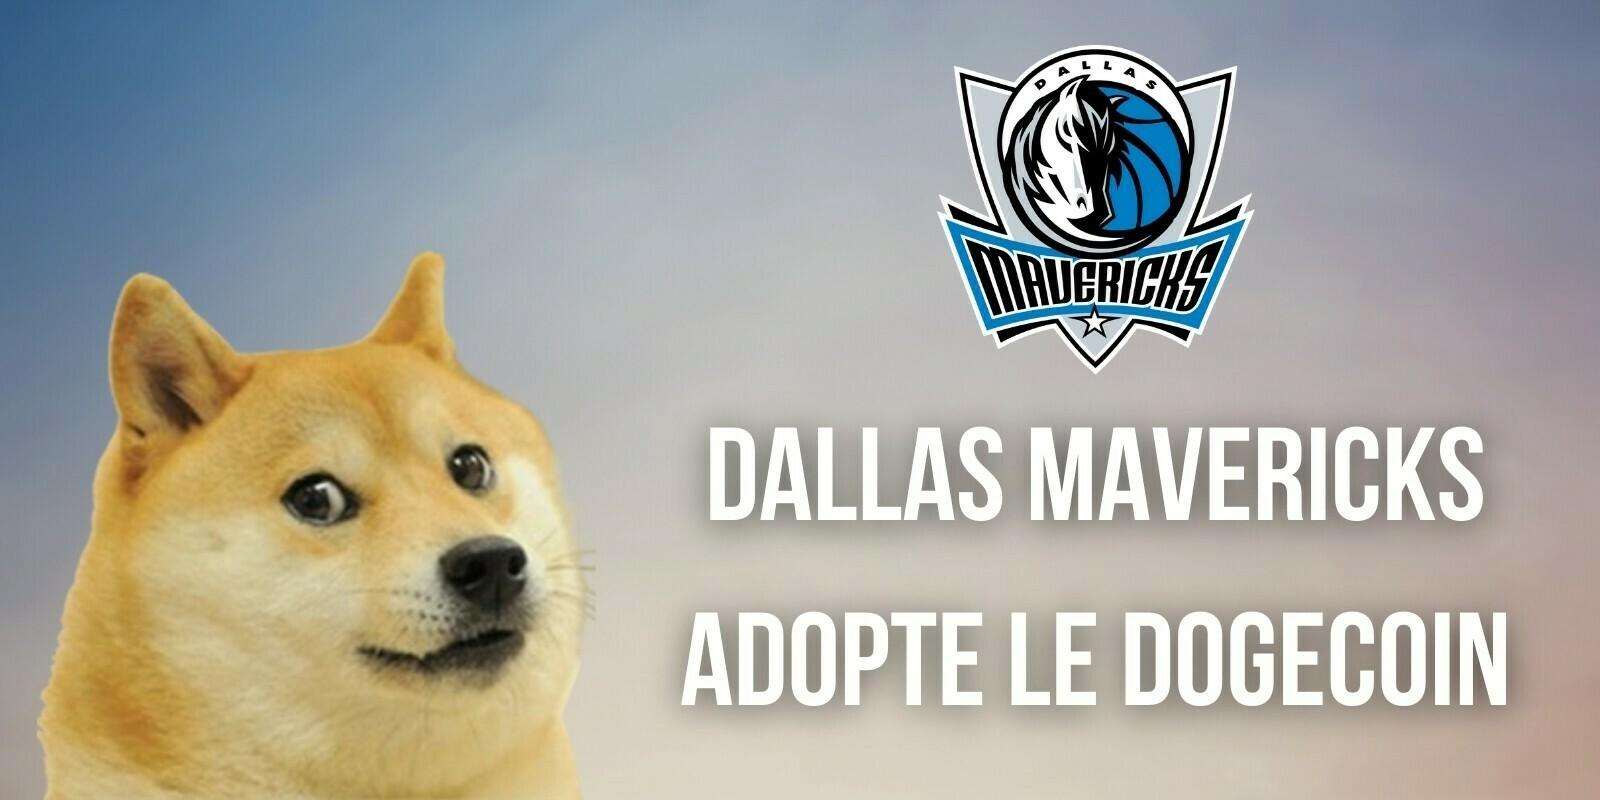 La franchise des Mavericks de Dallas accepte le Dogecoin comme moyen de paiement